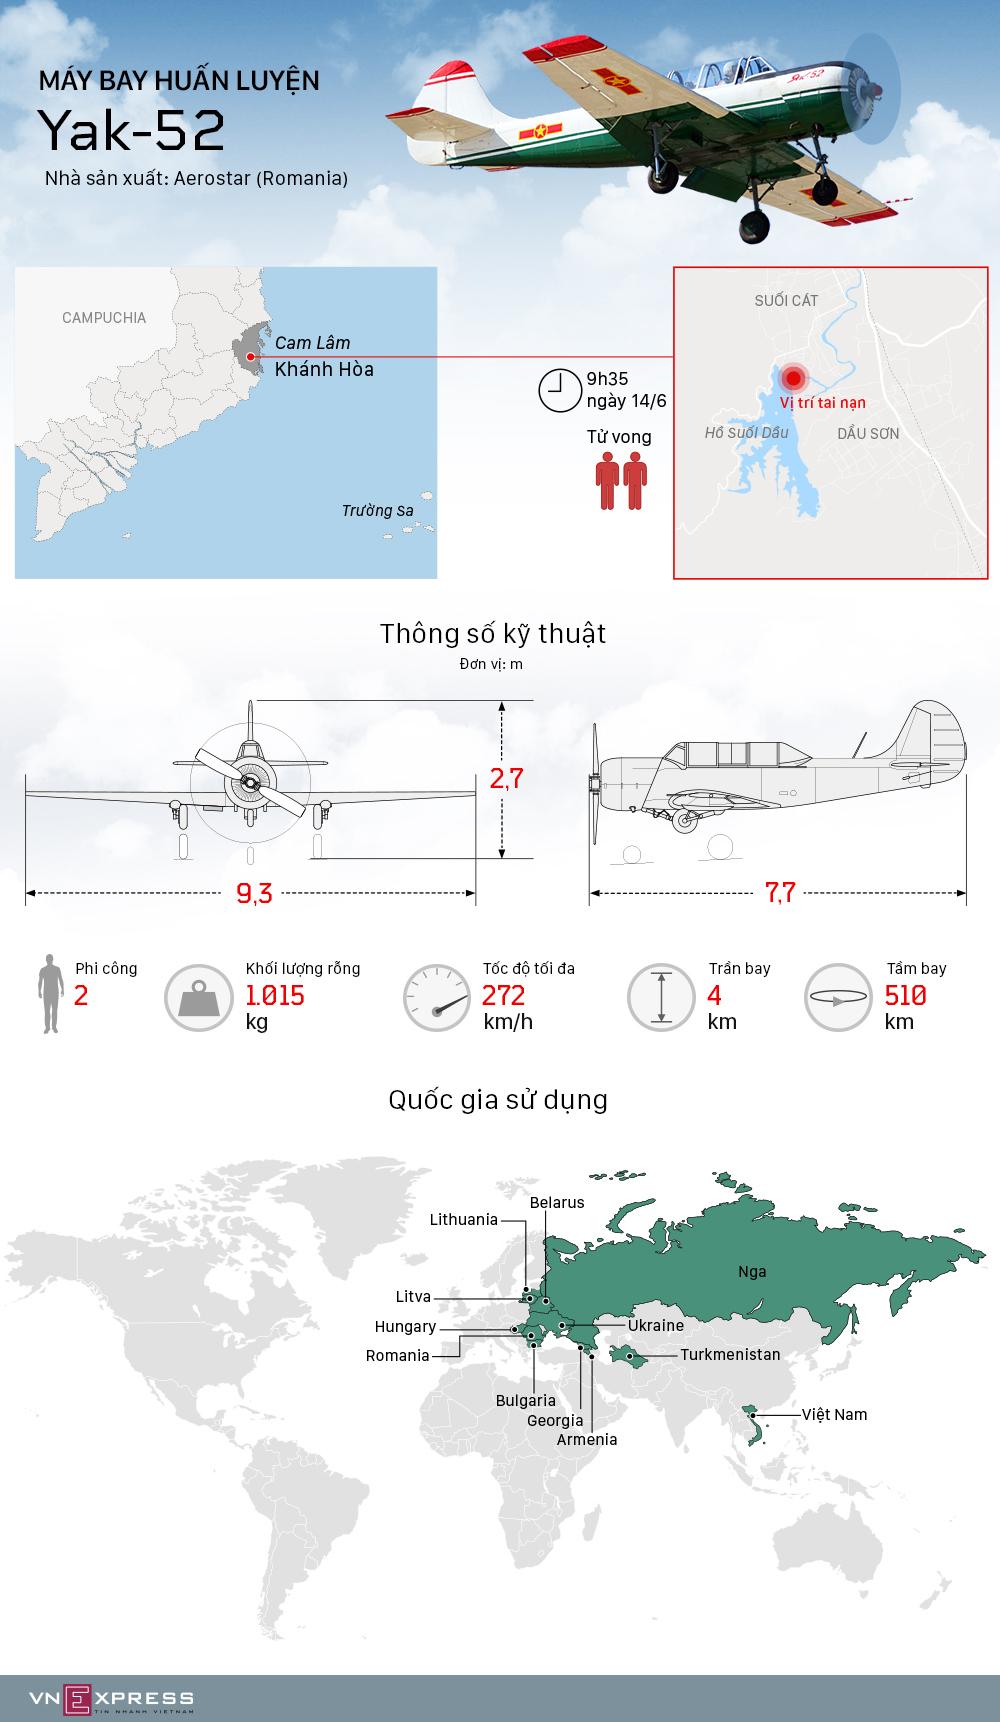 Tính năng máy bay huấn luyện gặp nạn tại Khánh Hòa